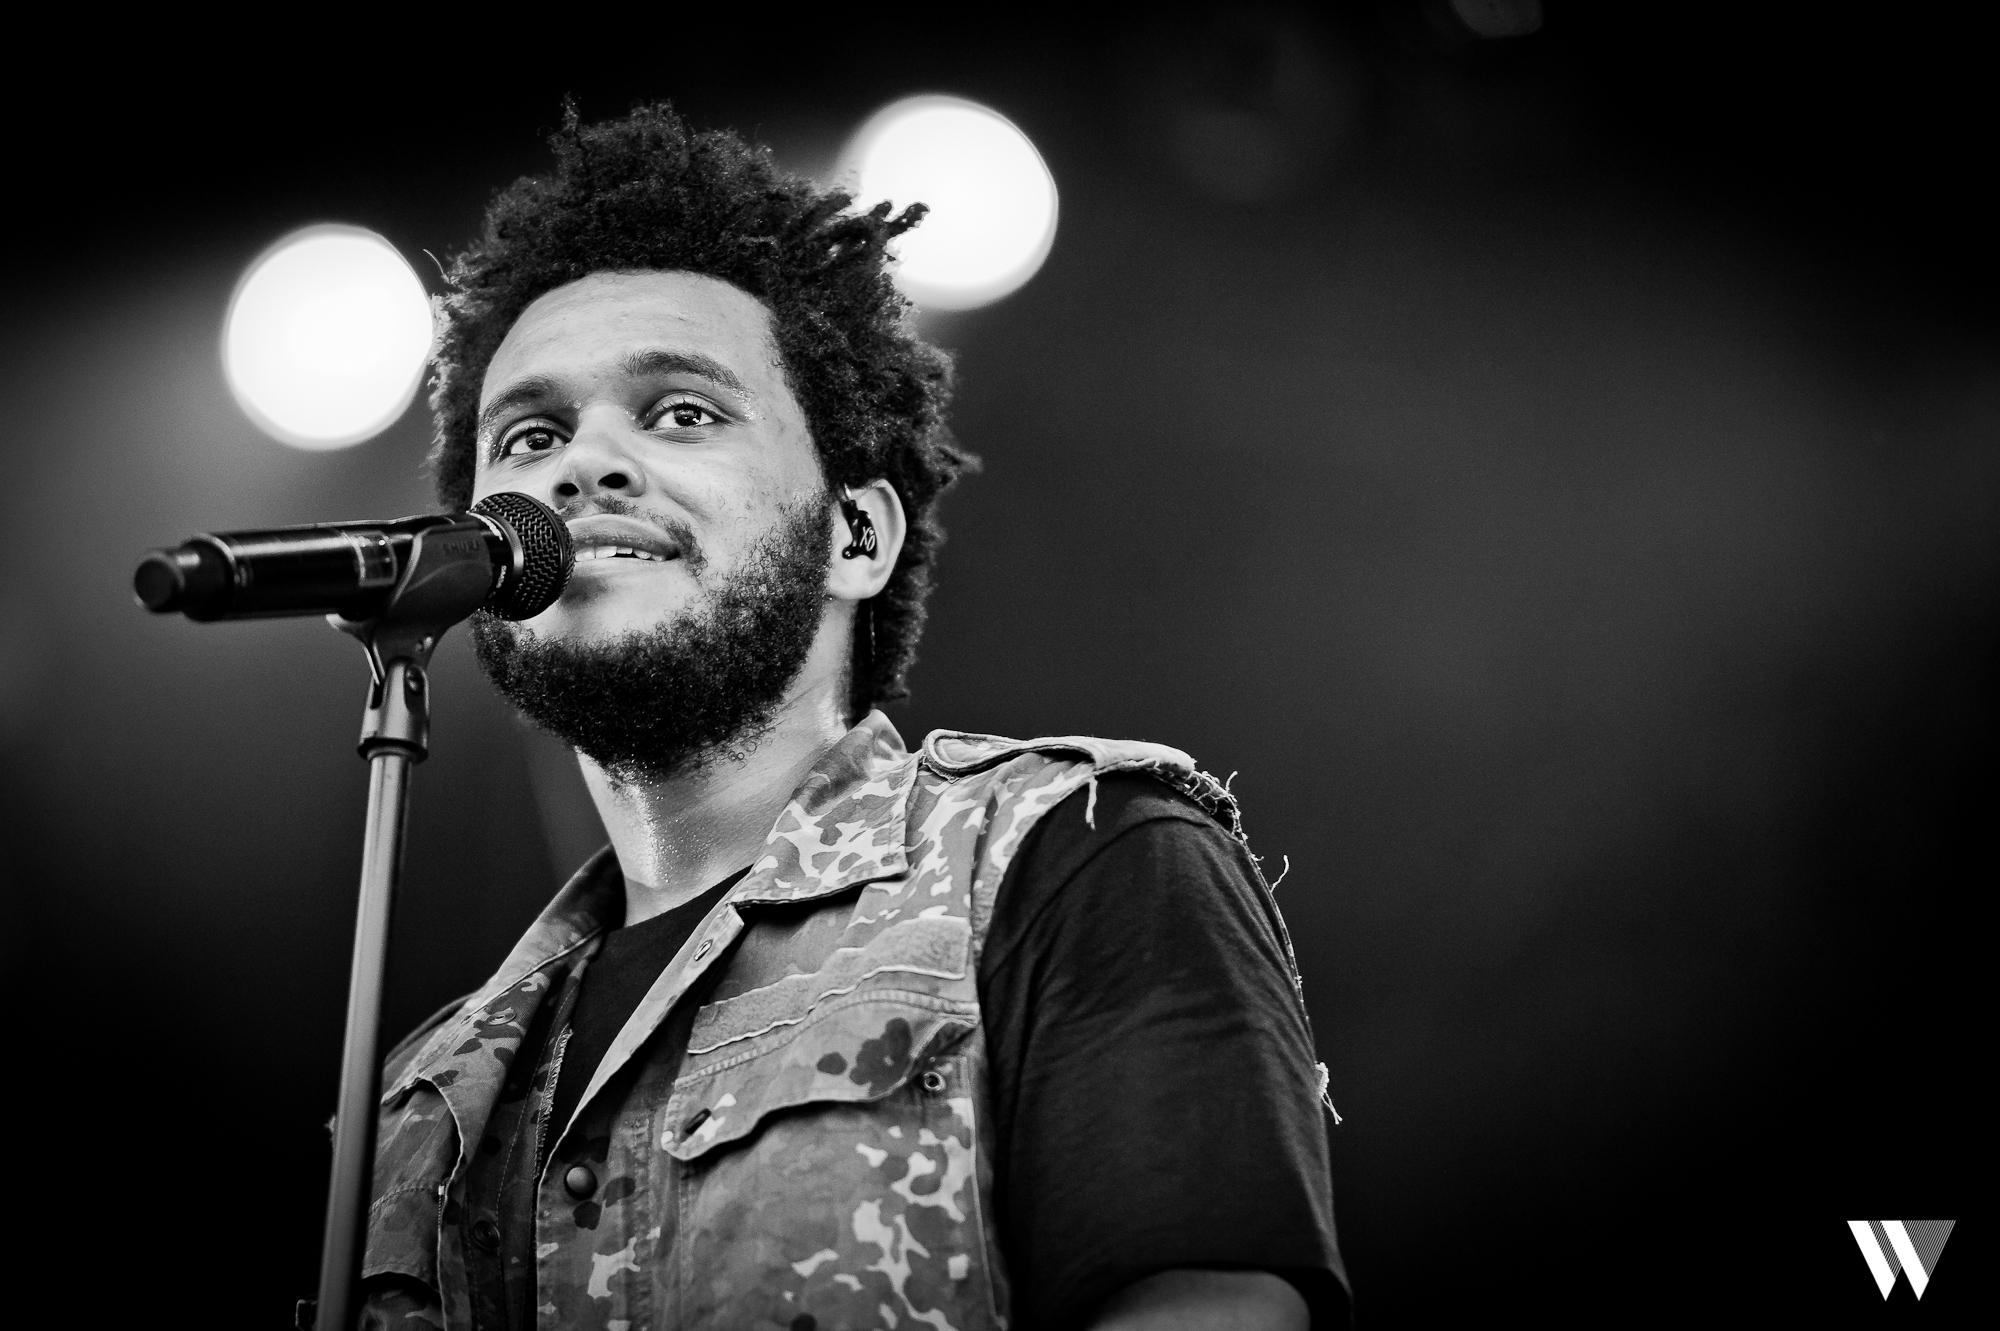 The Weeknd Hd Desktop